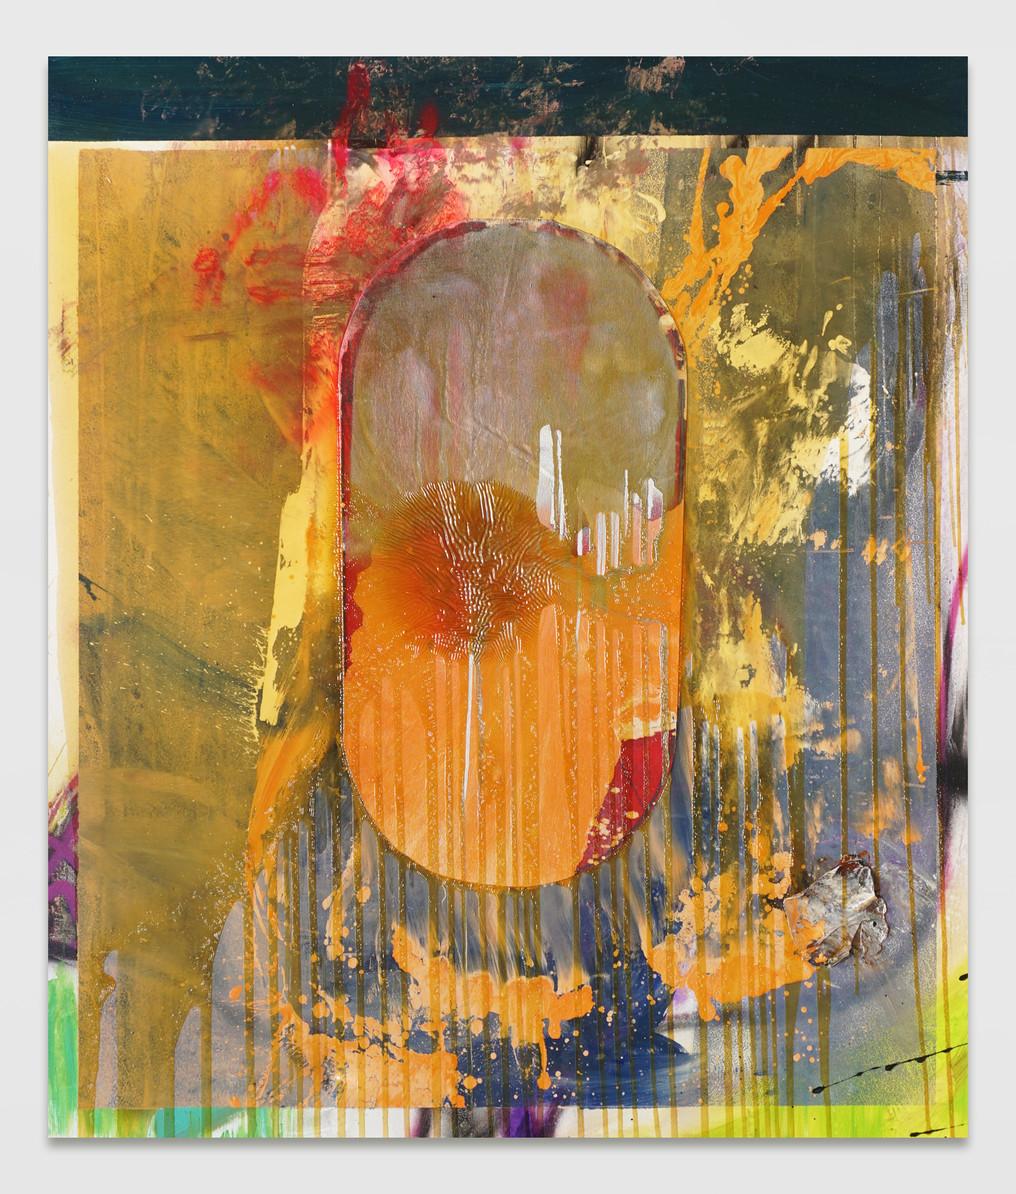 sem título 2019 óleo e esmalte sobre tela 170x145cm